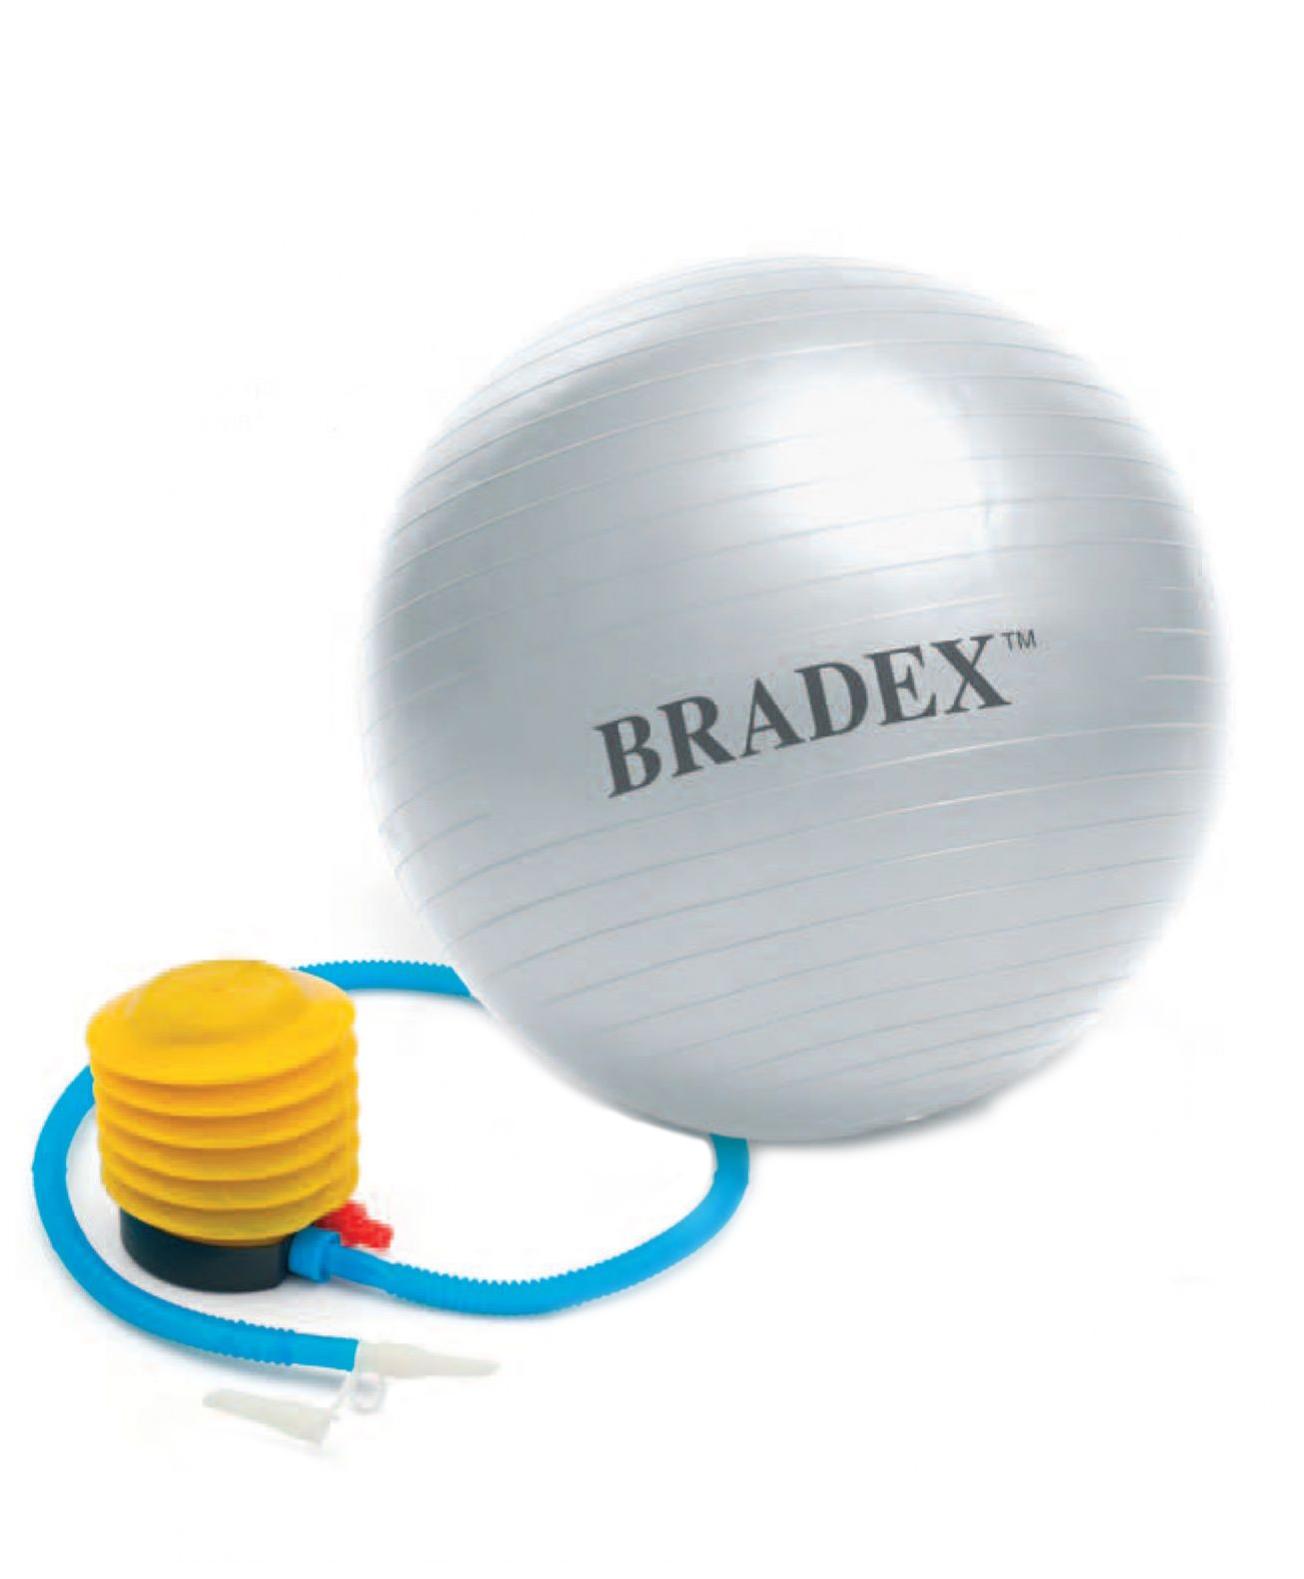 Мяч гимнастический Bradex Фитбол-55 с насосом, серый, 55 см фото